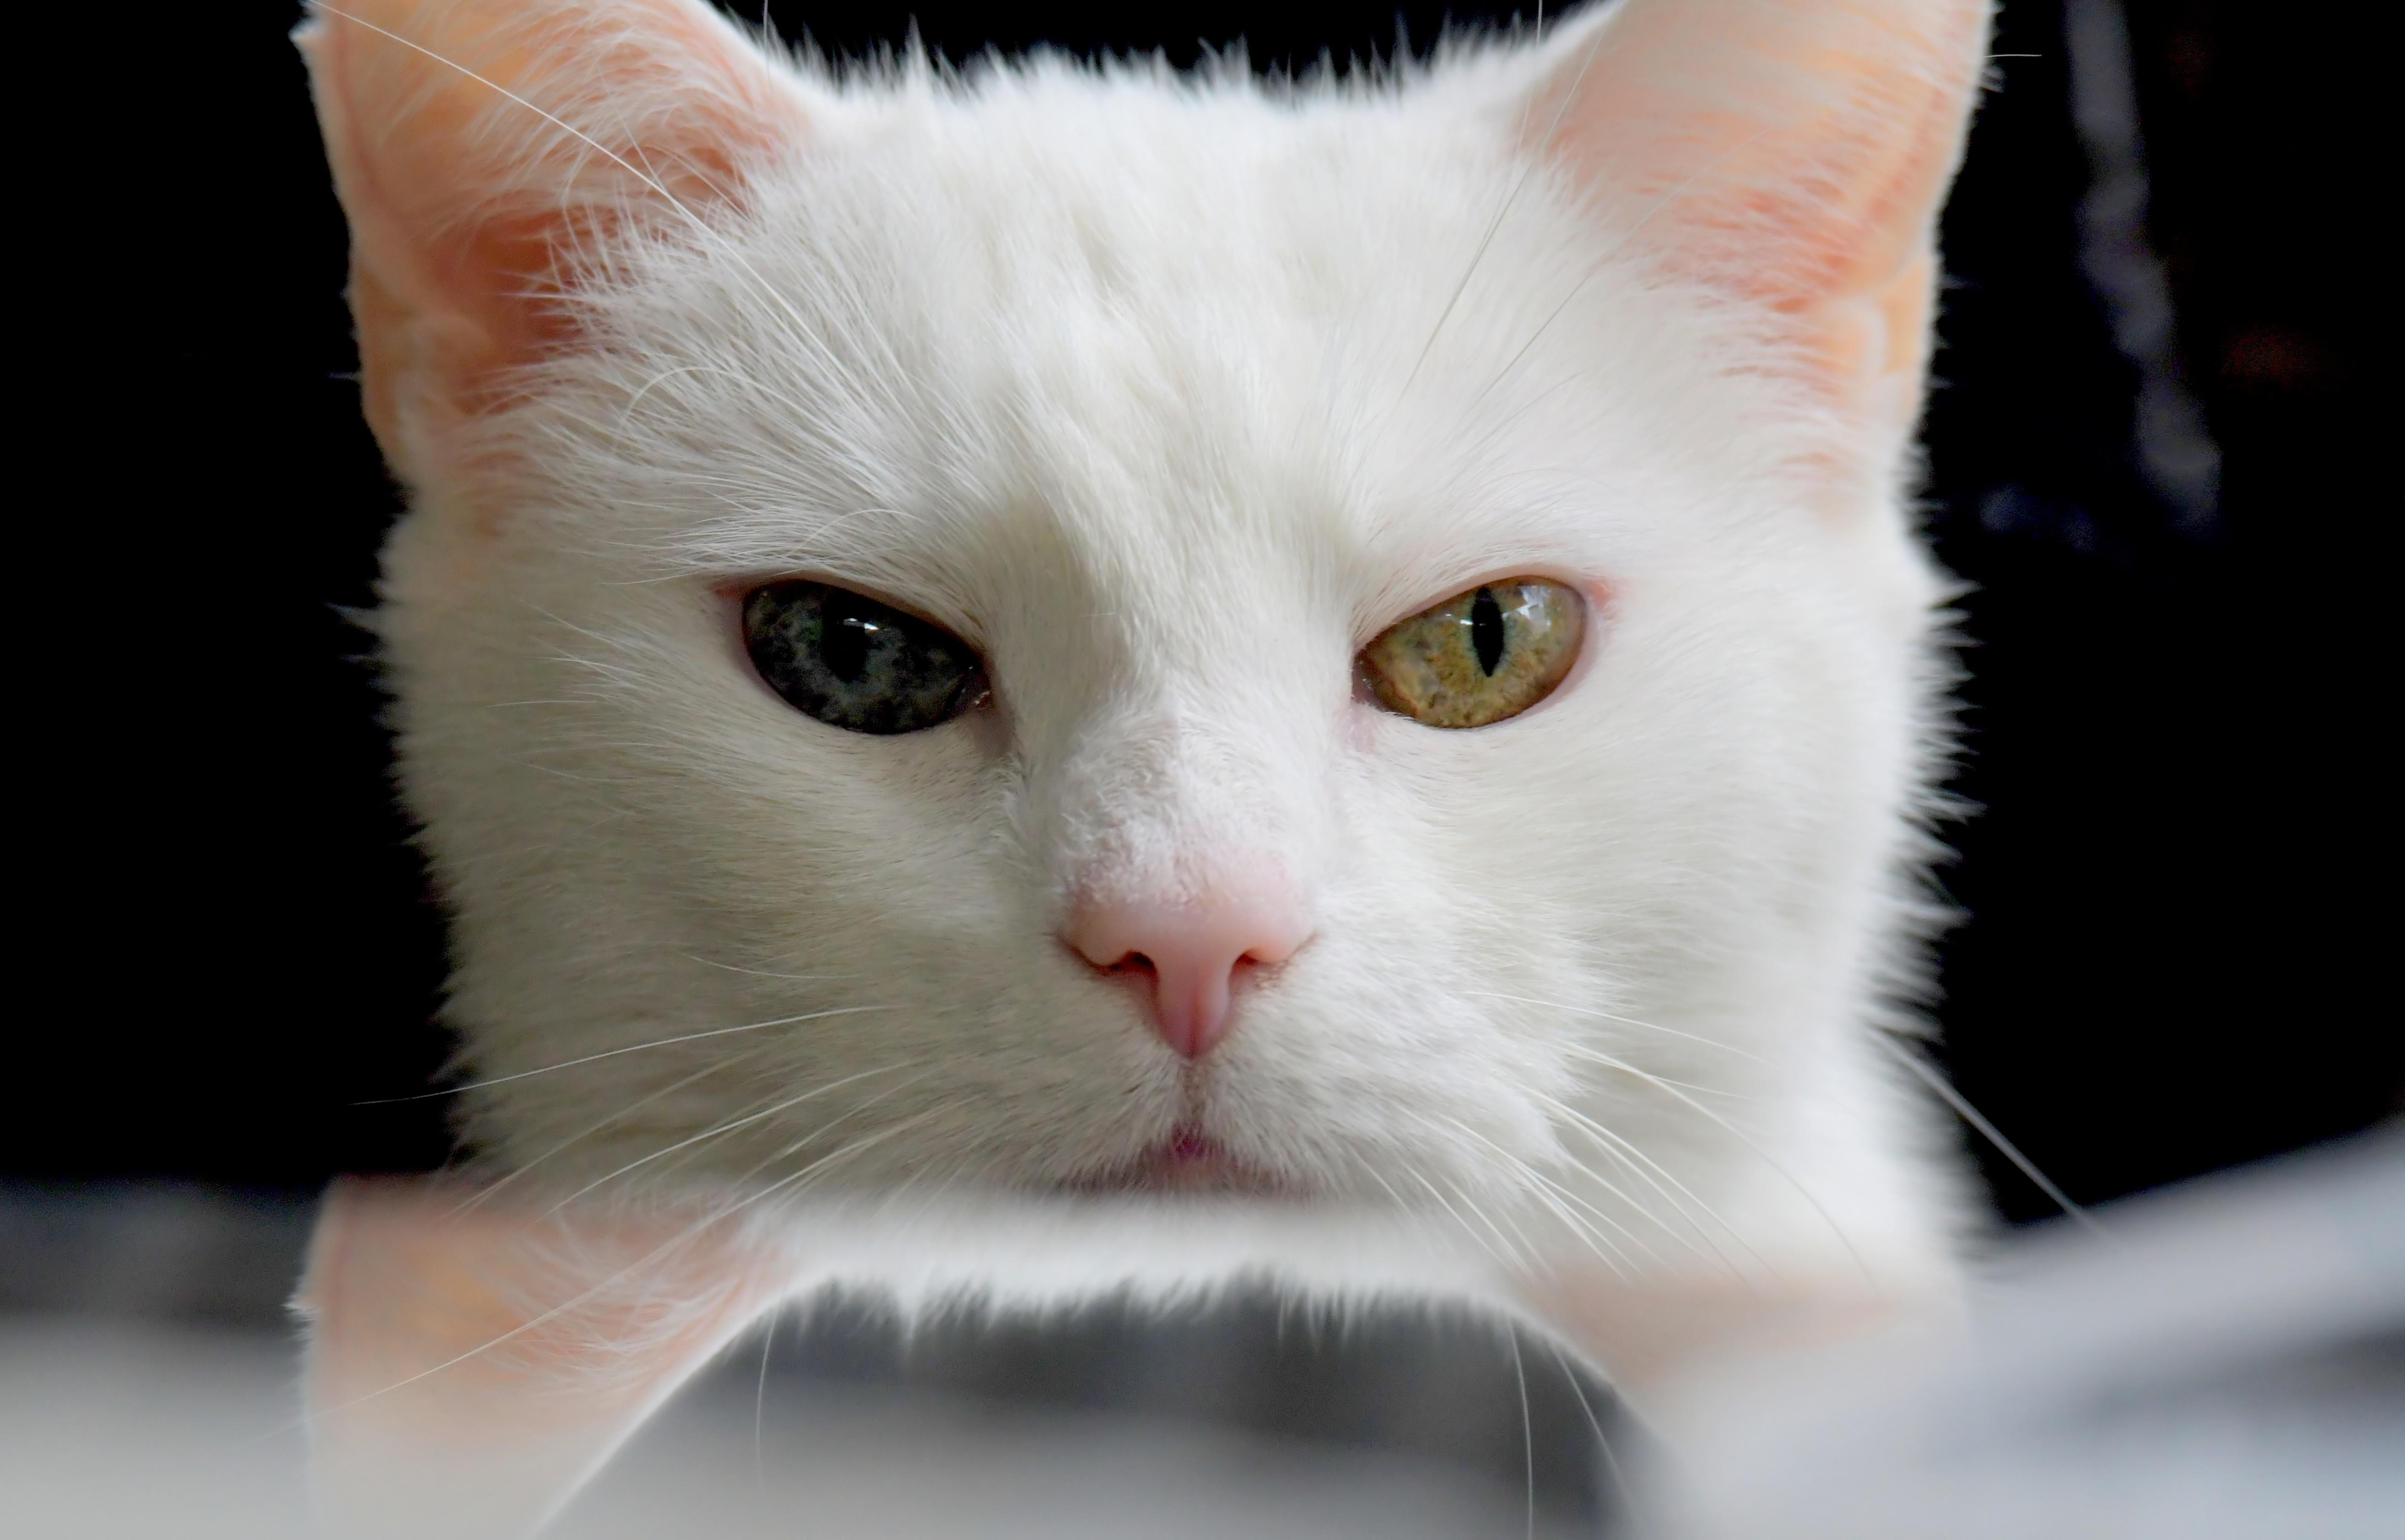 Белый кот разные глаза  № 2956433 бесплатно